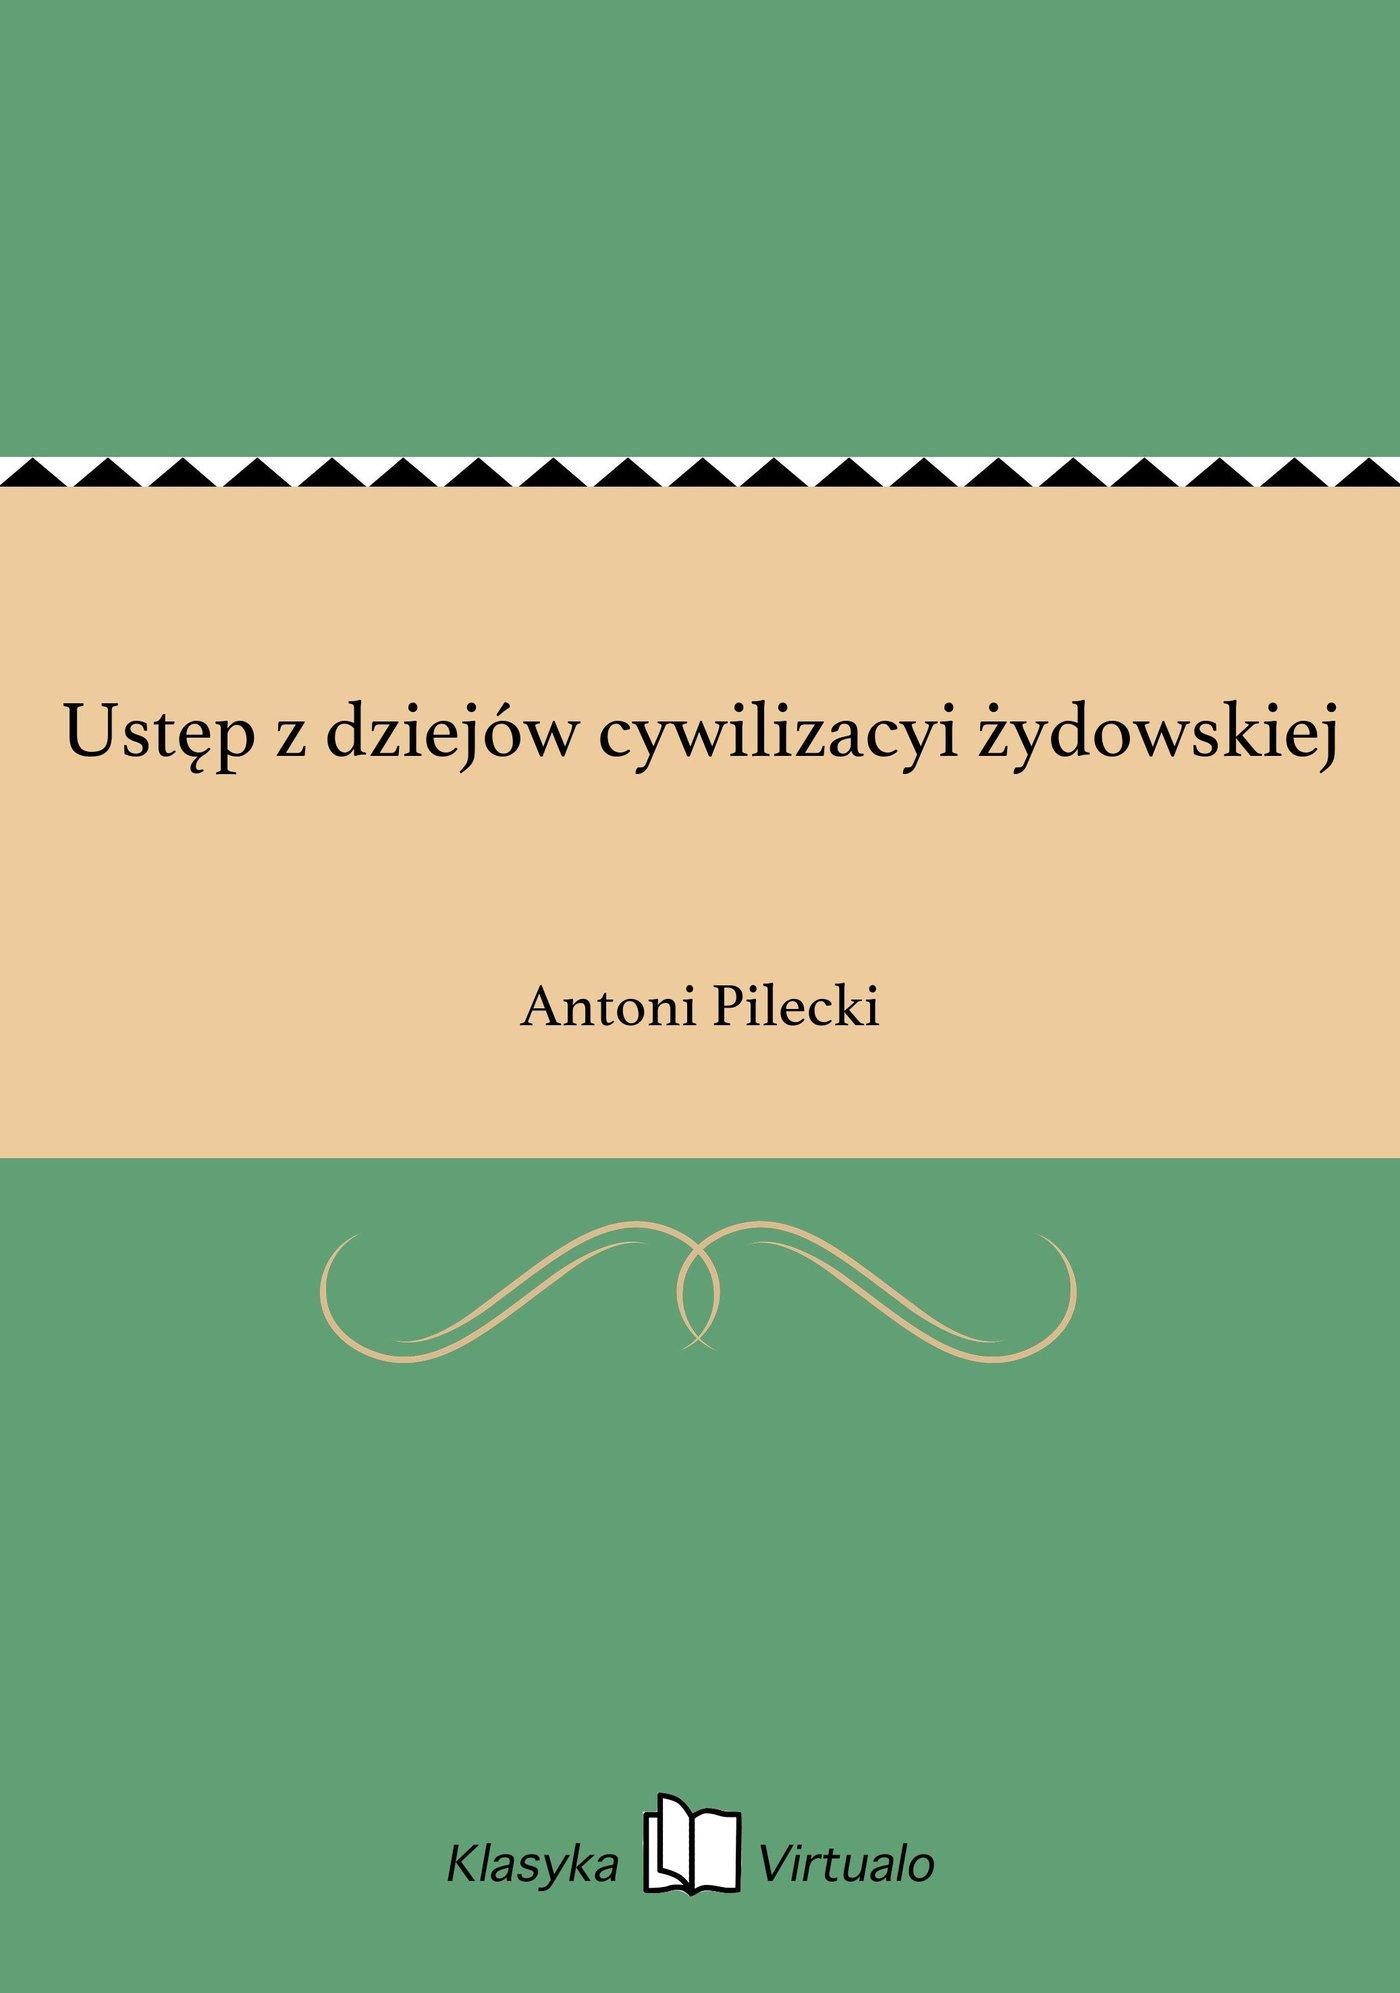 Ustęp z dziejów cywilizacyi żydowskiej - Ebook (Książka EPUB) do pobrania w formacie EPUB